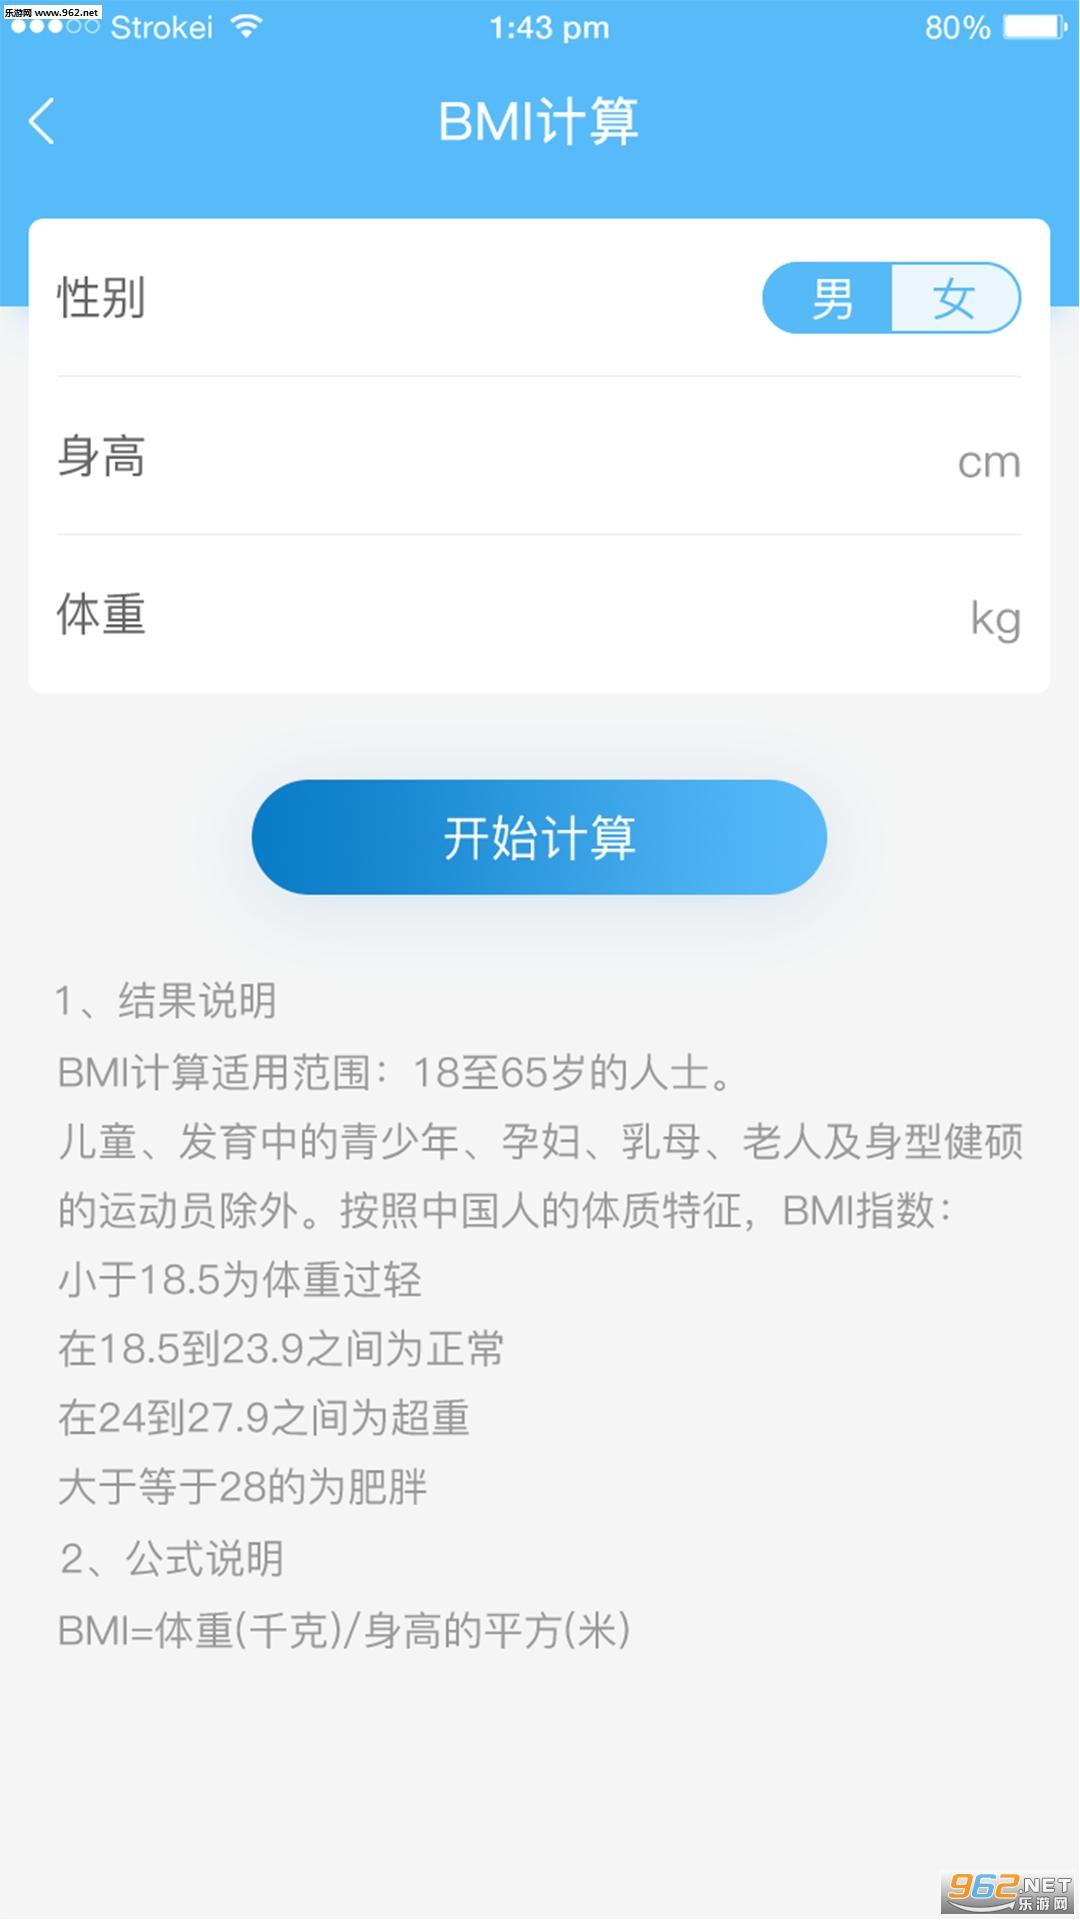 爱捷健康appv1.0.0 安卓版_截图1